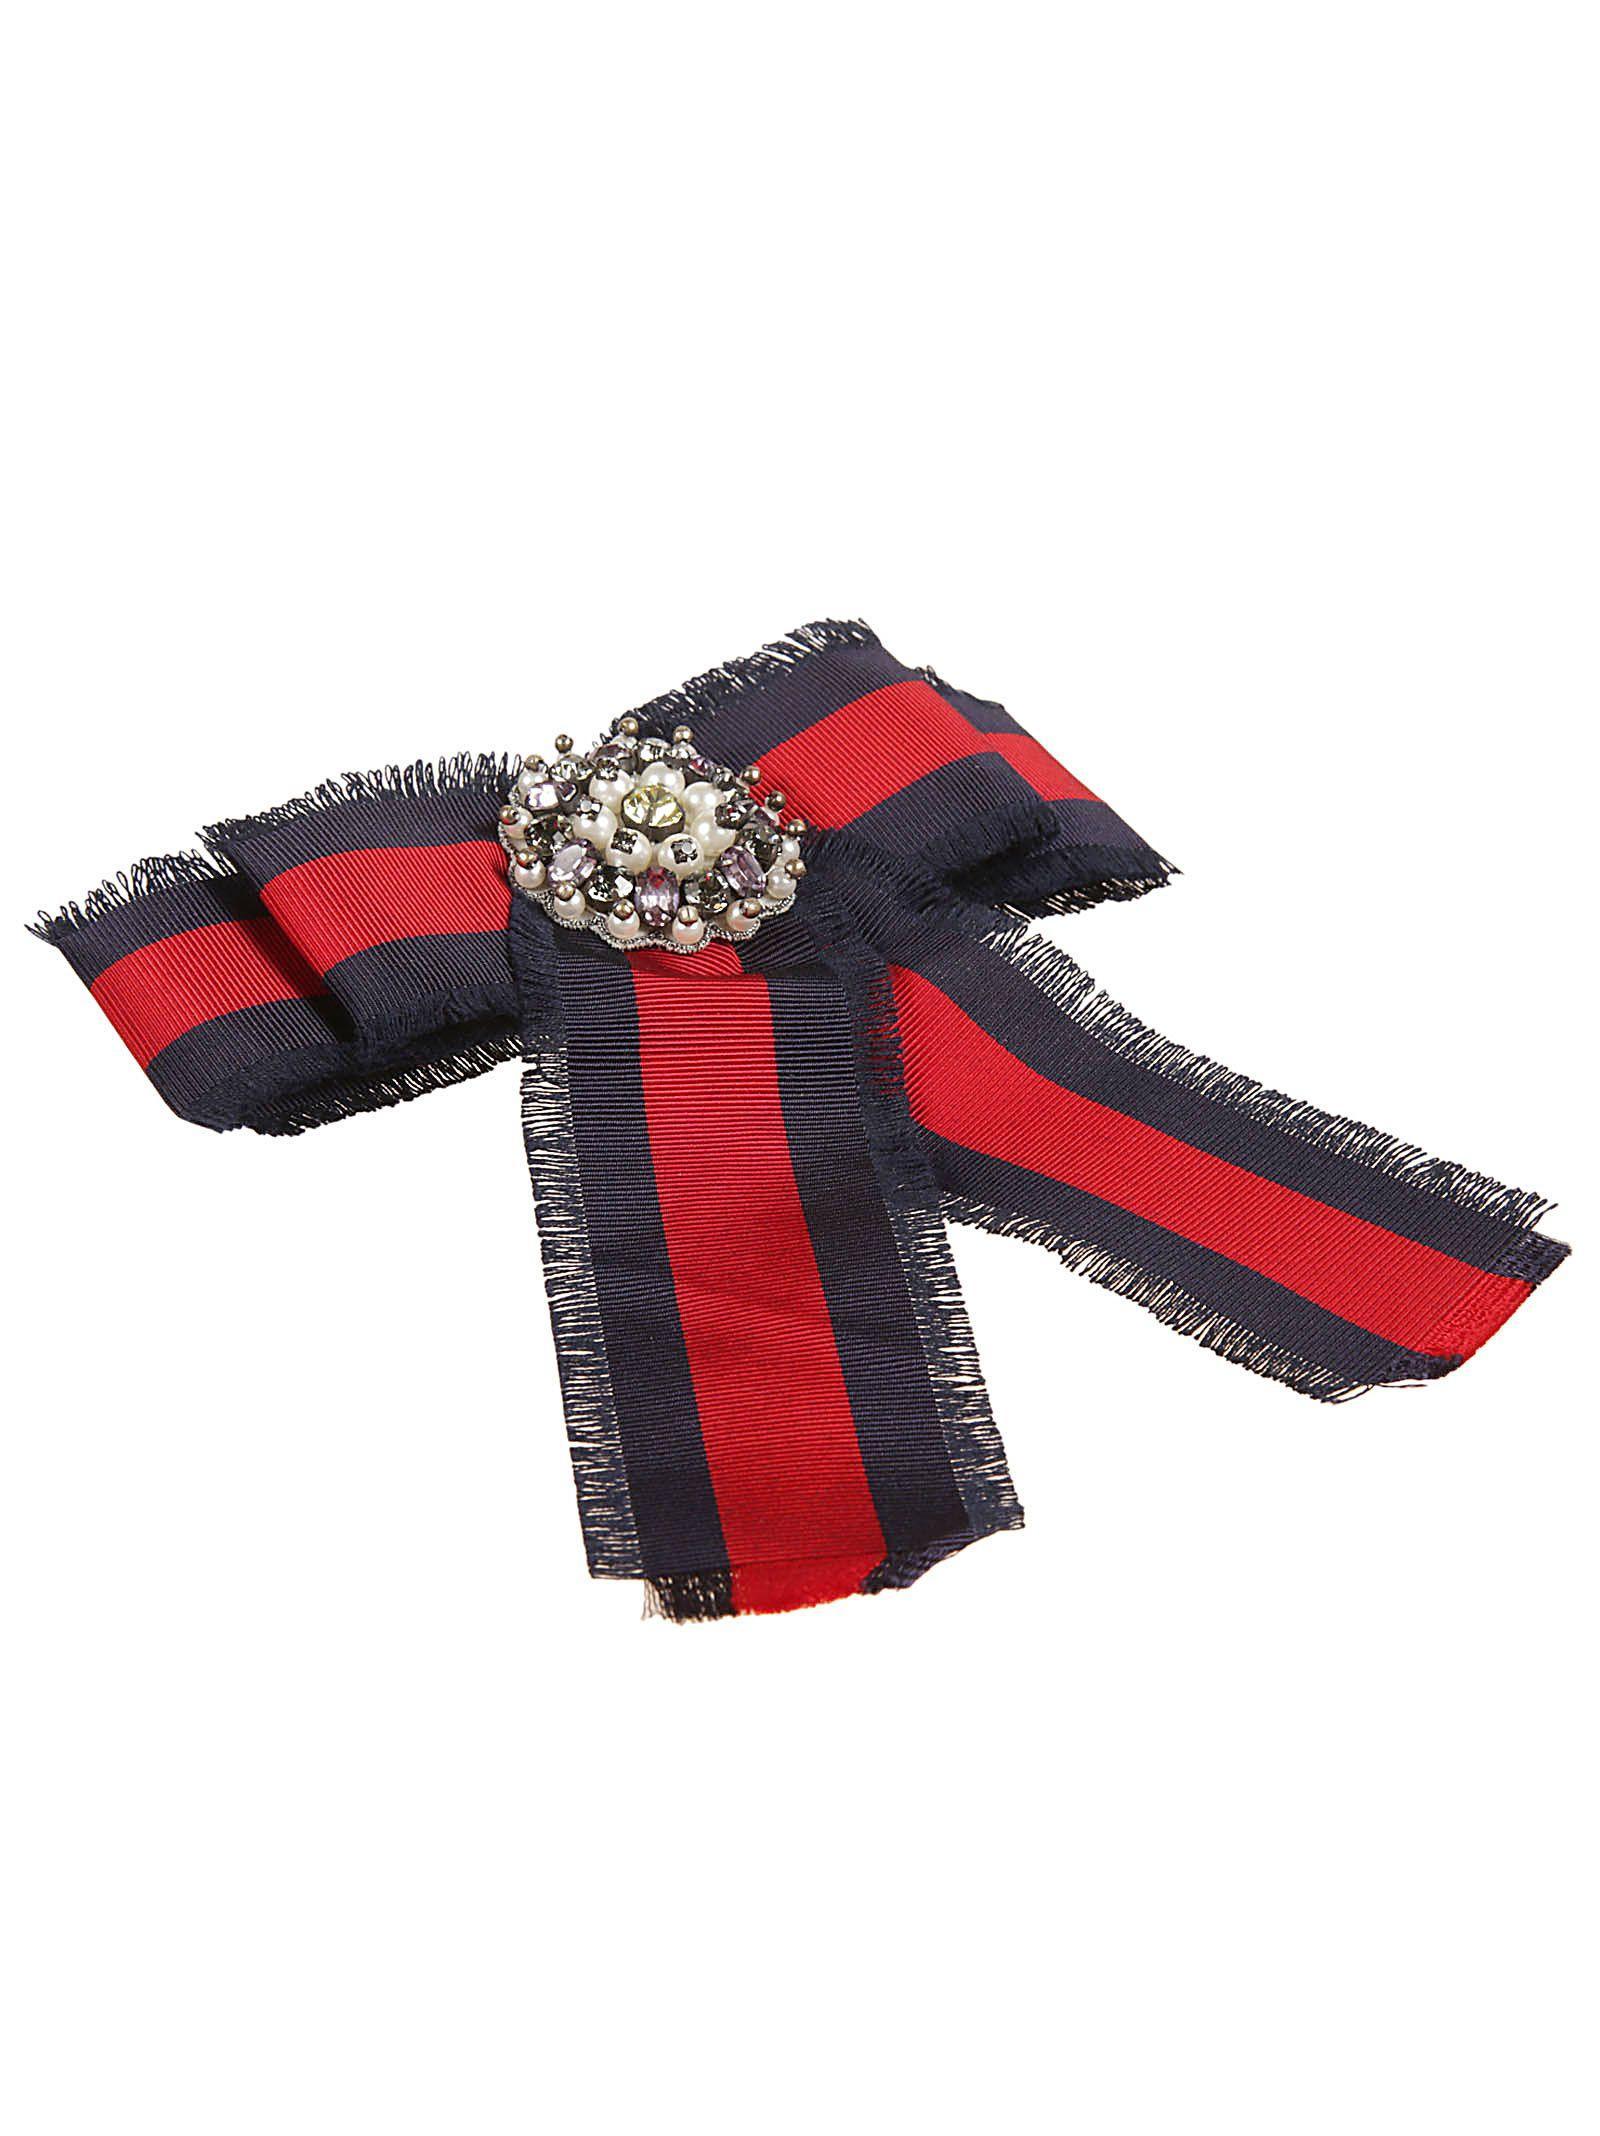 f39a9298119 Gucci Web Bow Brooch In Multicolor